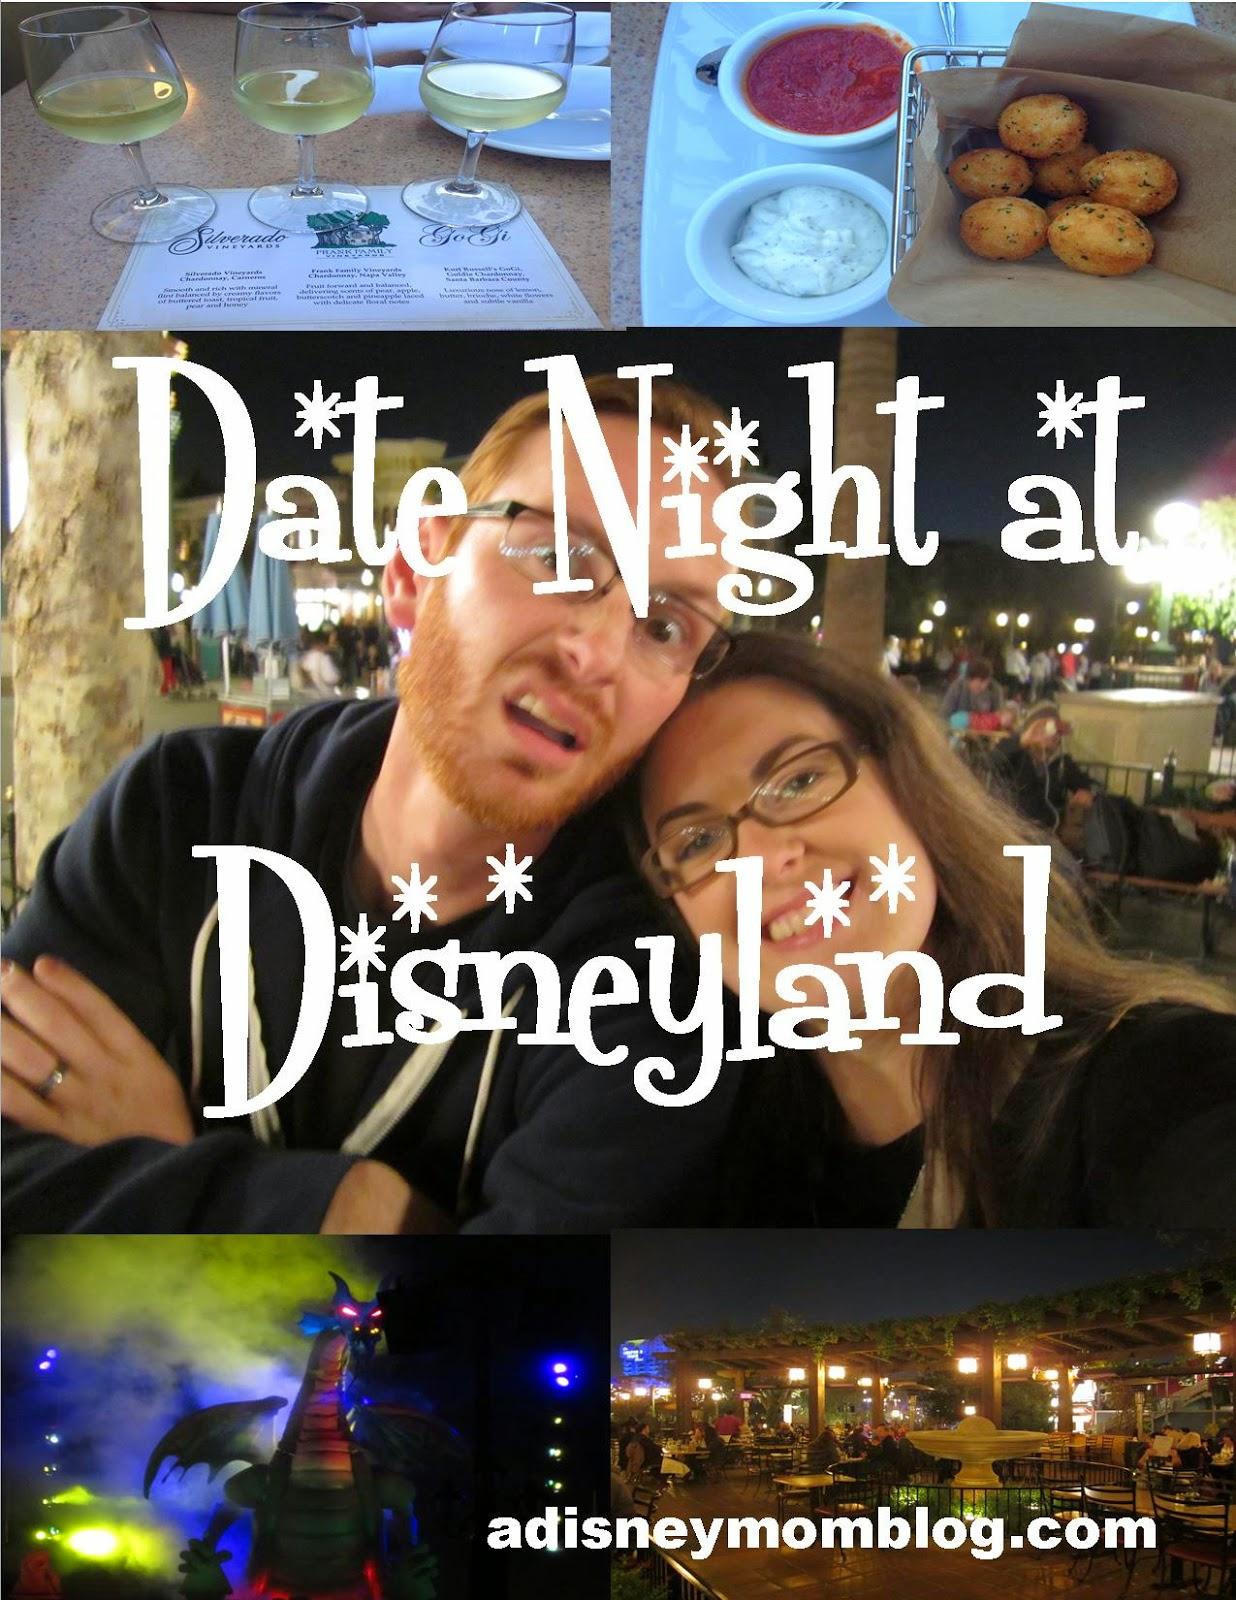 Date Nite at Disneyland